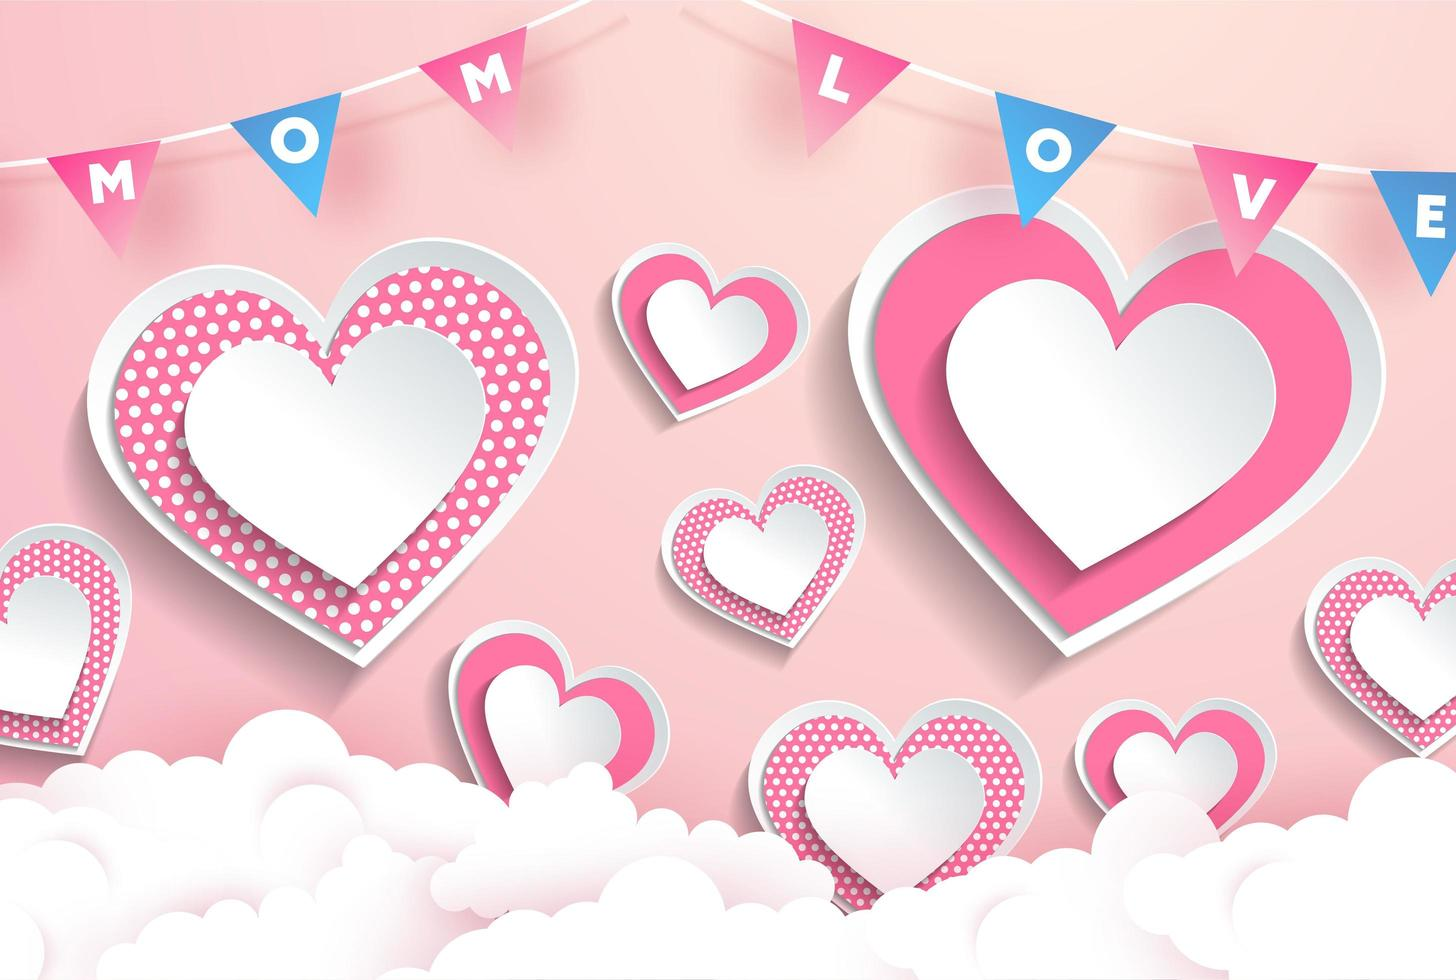 texto de amor de mamá en diseño de corazón rosa guirnalda vector